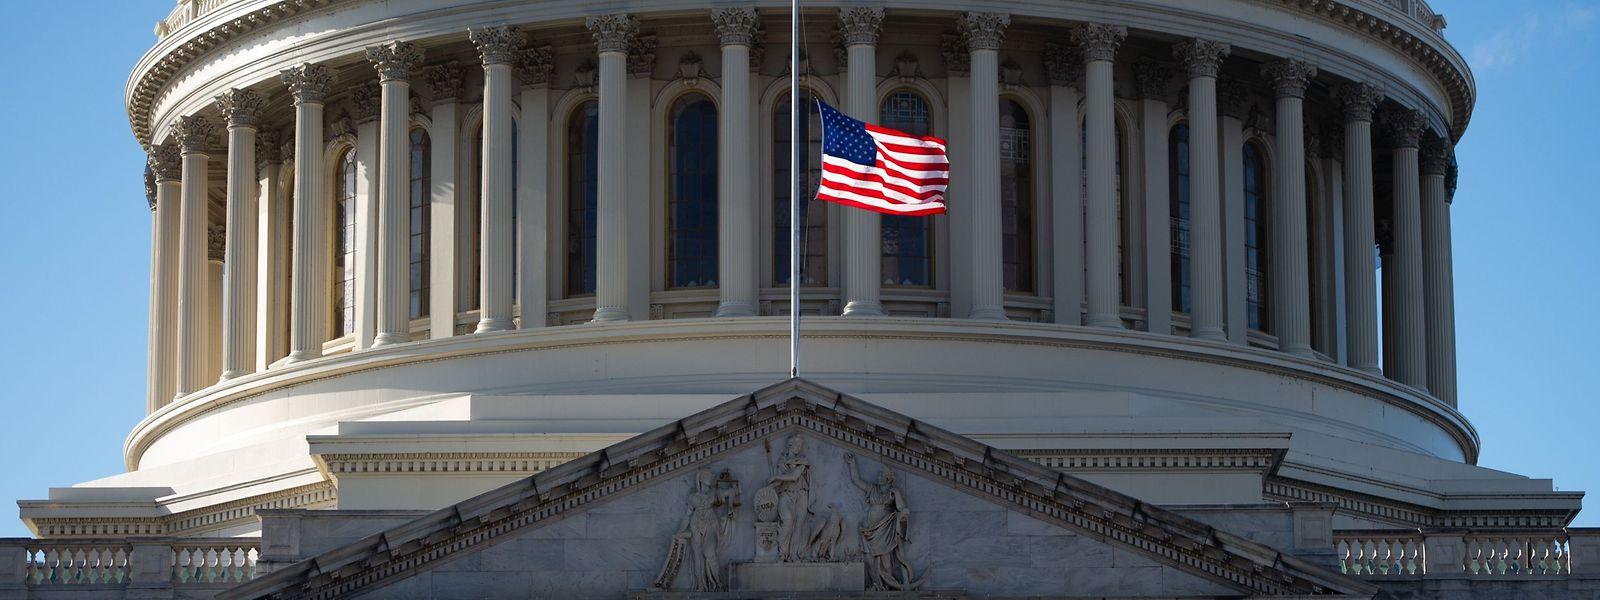 Das Kapitol in Washington D.C., der Sitz der Legislative der Vereinigten Staaten von Amerika.